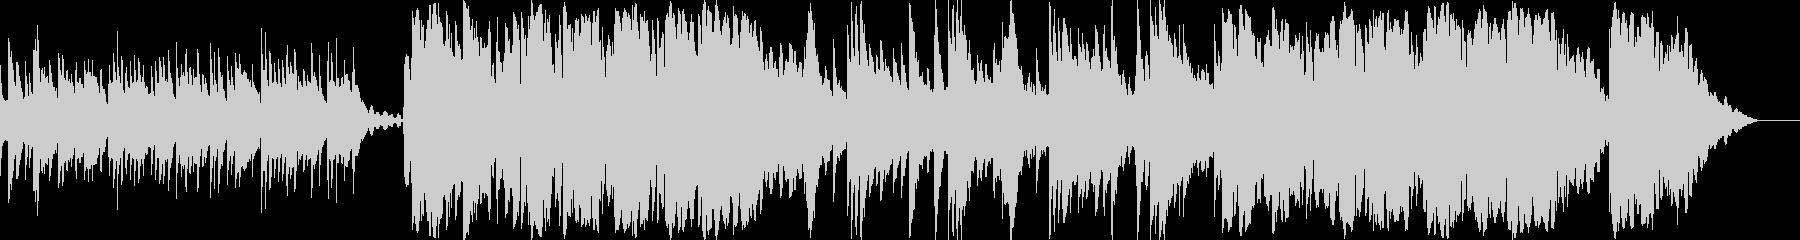 オカリナが奏でるメロディが美しい短曲の未再生の波形